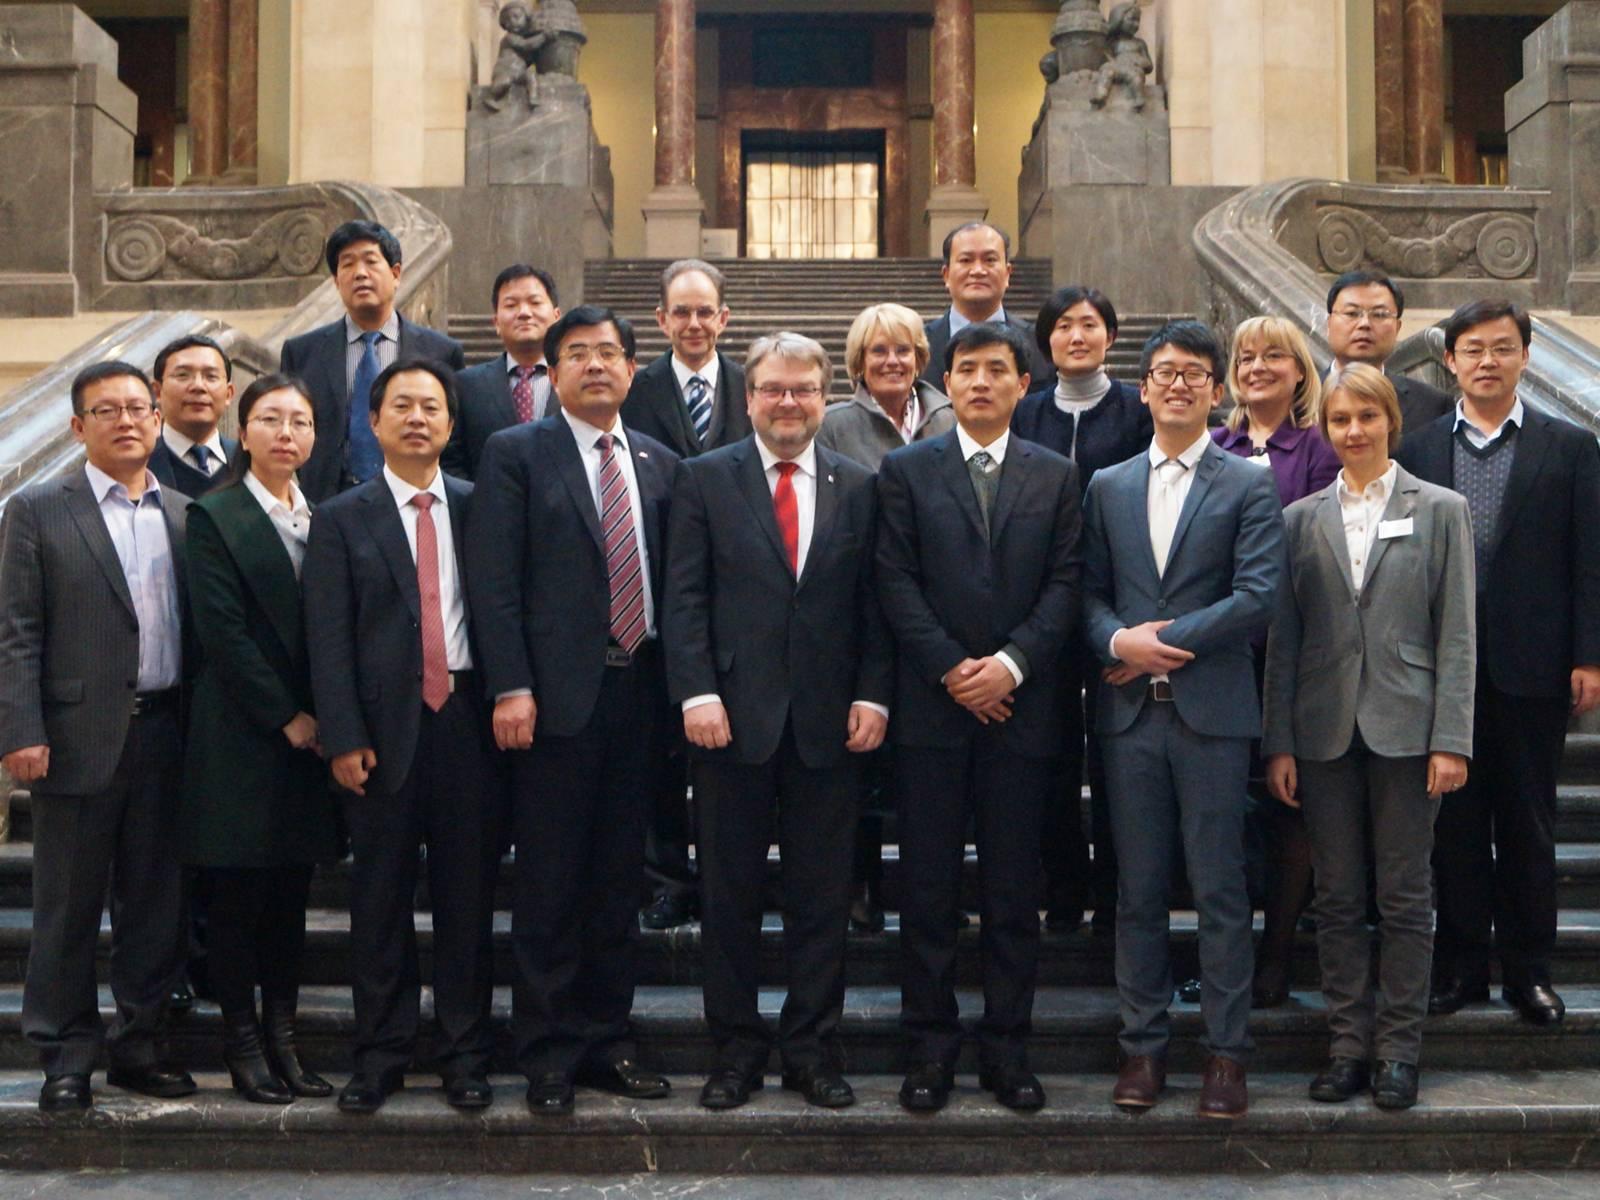 Die Delegation aus Shandong mit Bürgermeister Hermann und Mitarbeiterinen des Internationalen Büros auf der Treppe im Neuen Rathaus